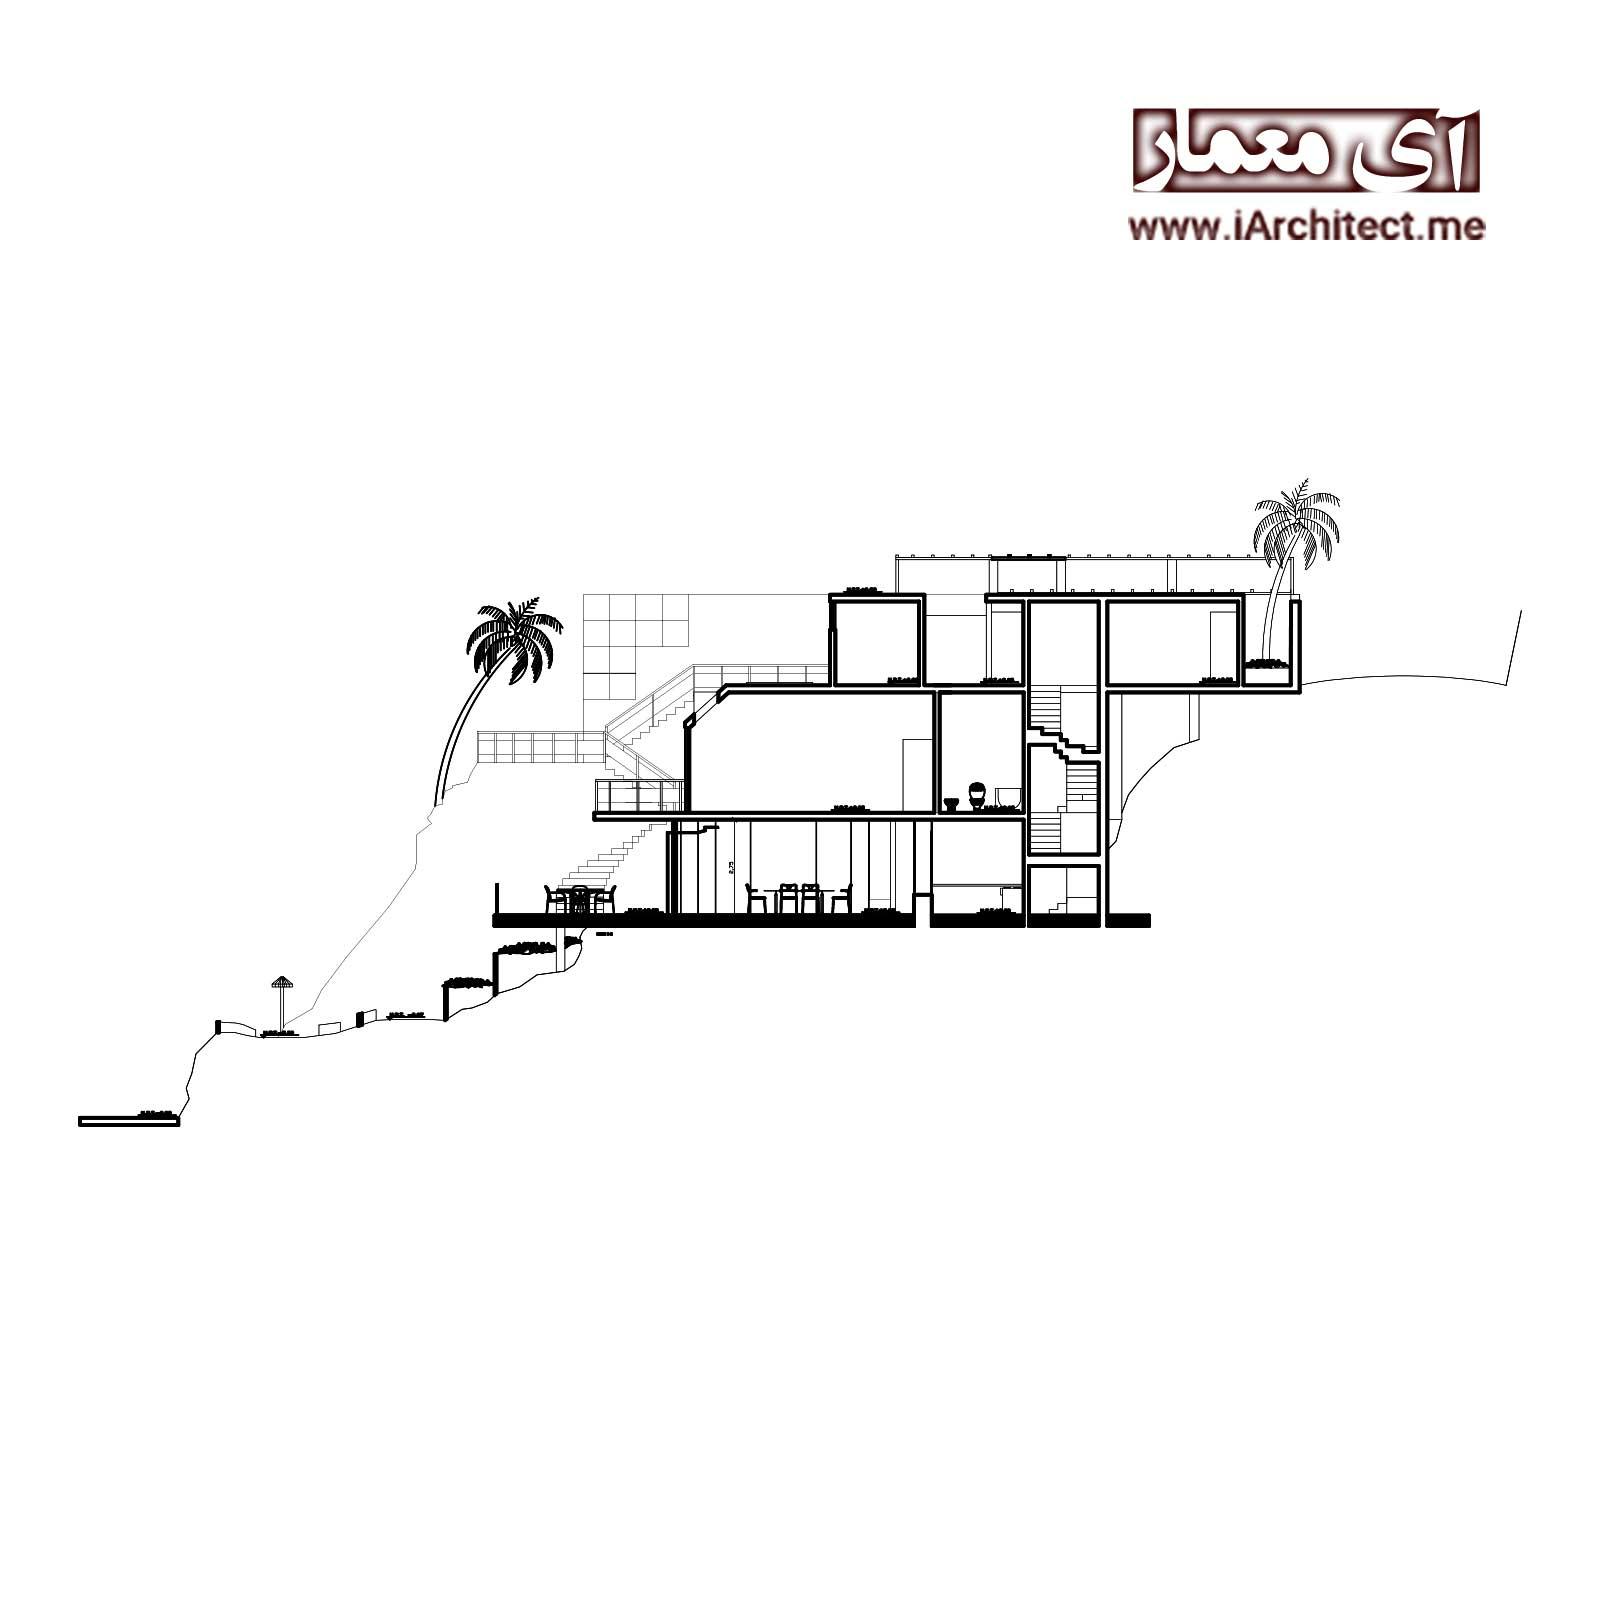 طراحی پلان مسکونی سه طبقه مدرن